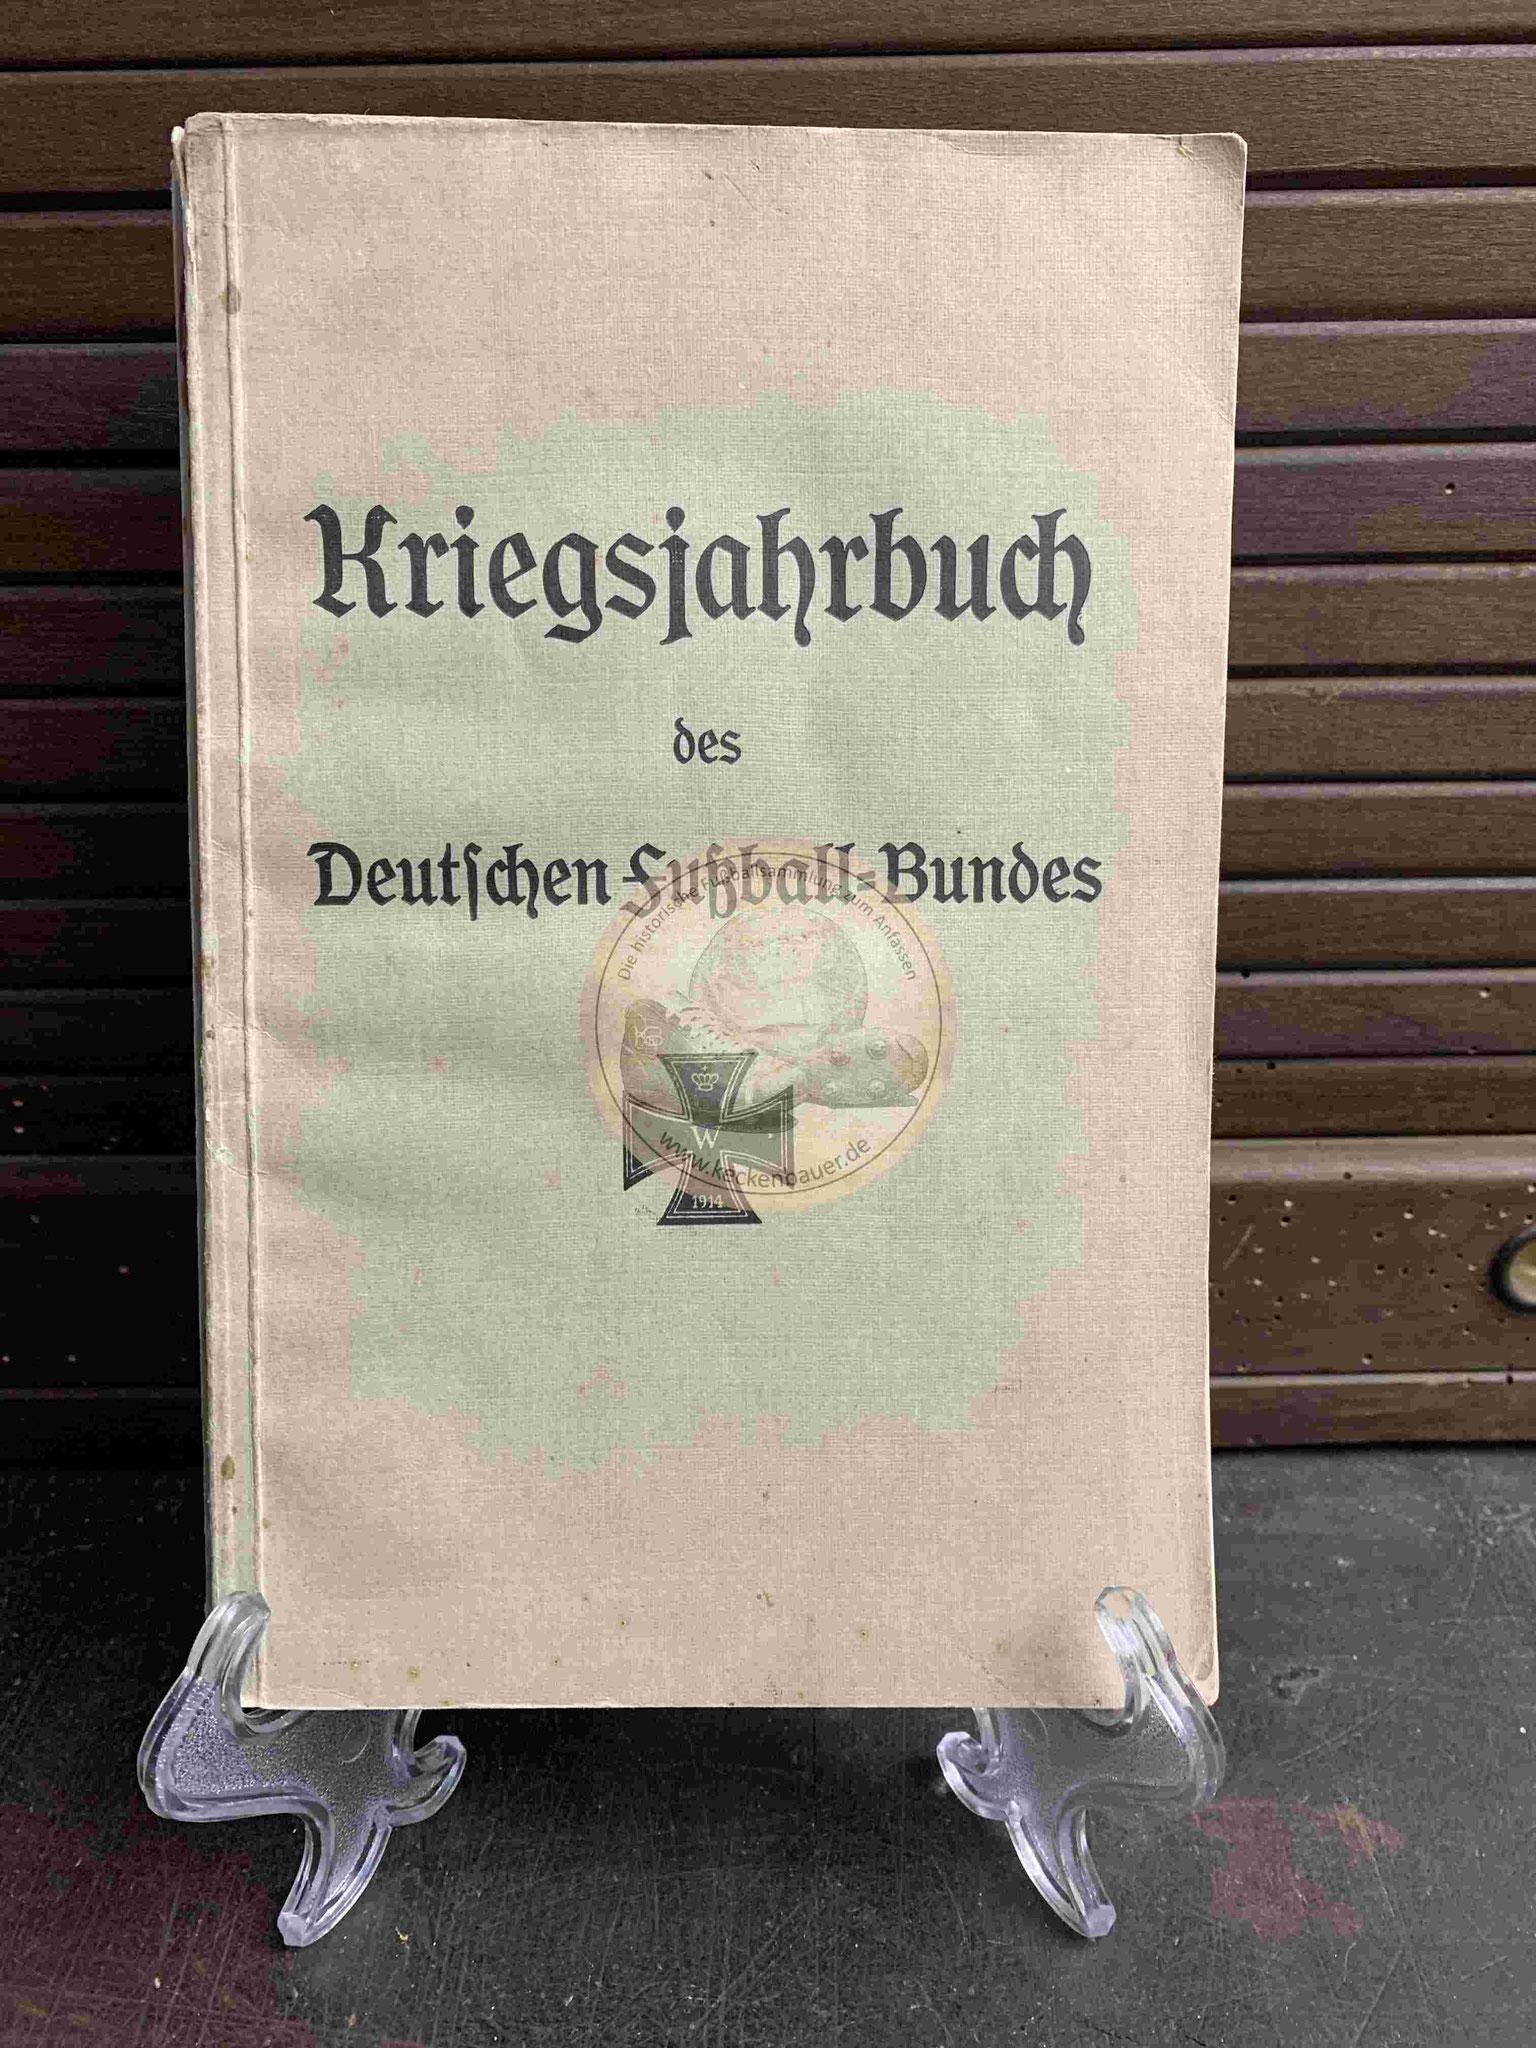 Deutsche Fußball Kriegsjahrbuch vom DFB aus dem Jahr 1914